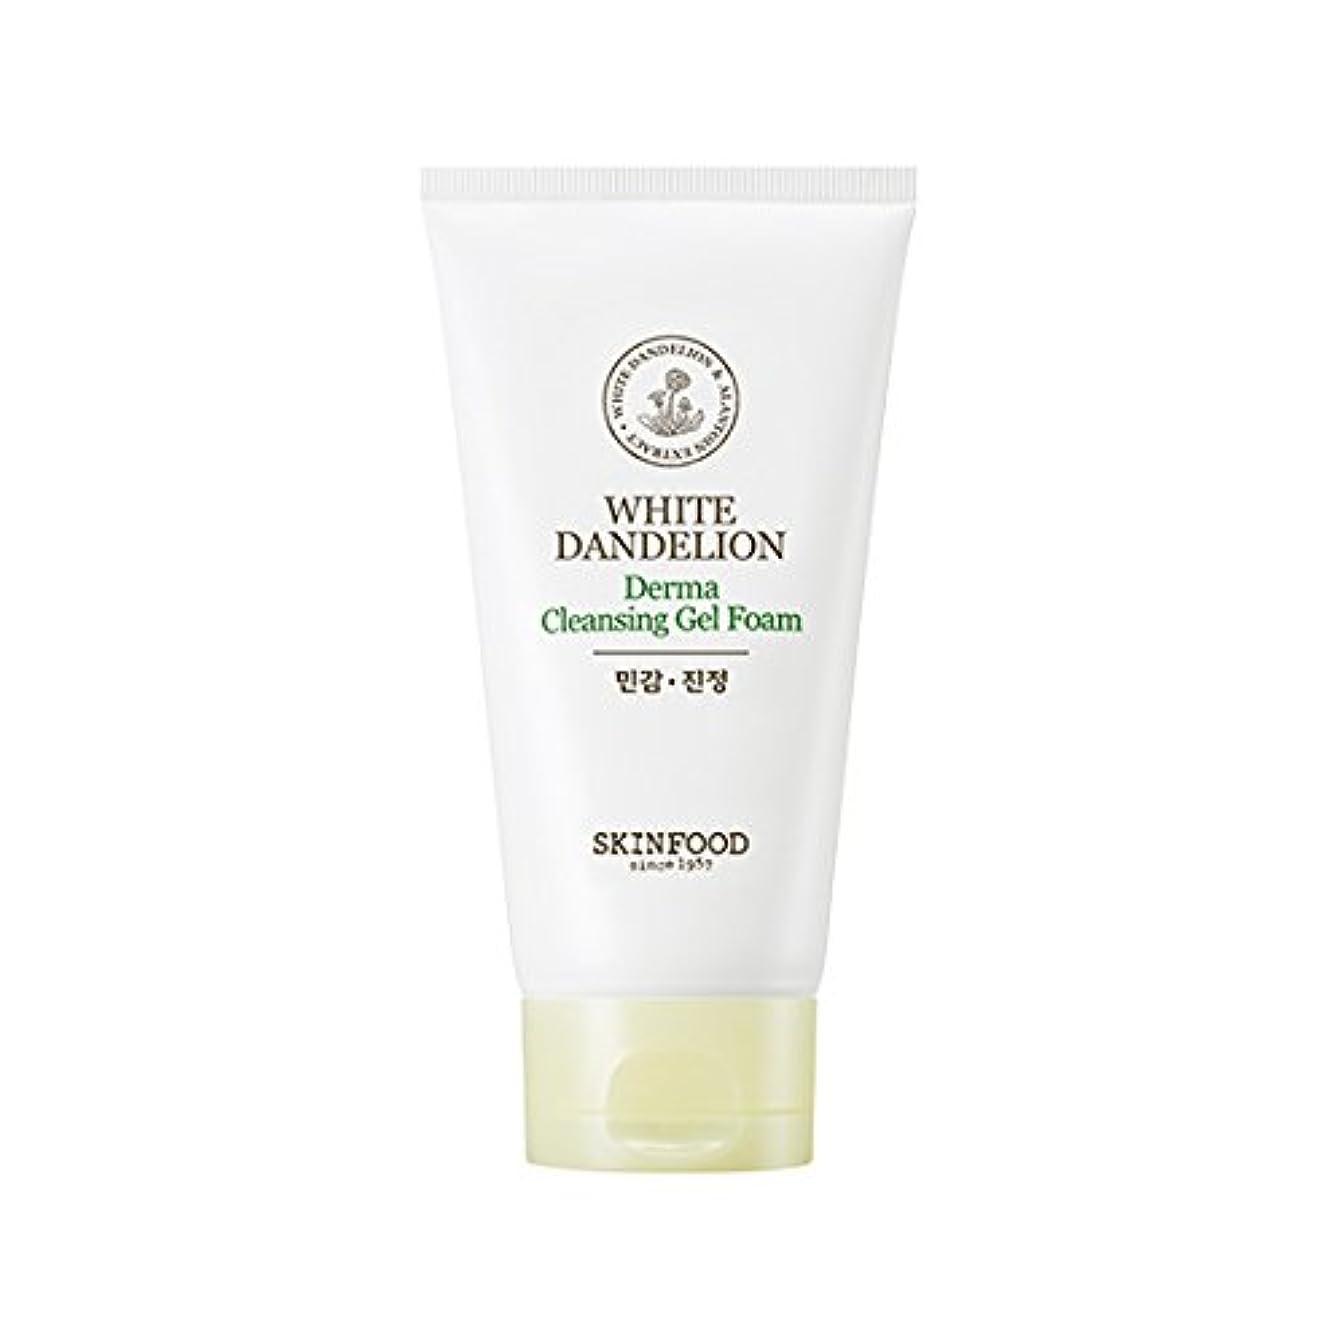 時間とともに複雑気候Skinfood/White Dandelion Derma Cleansing Gel Foam/ホワイトタンポポダーマクレンジングジェルフォーム/150ml [並行輸入品]